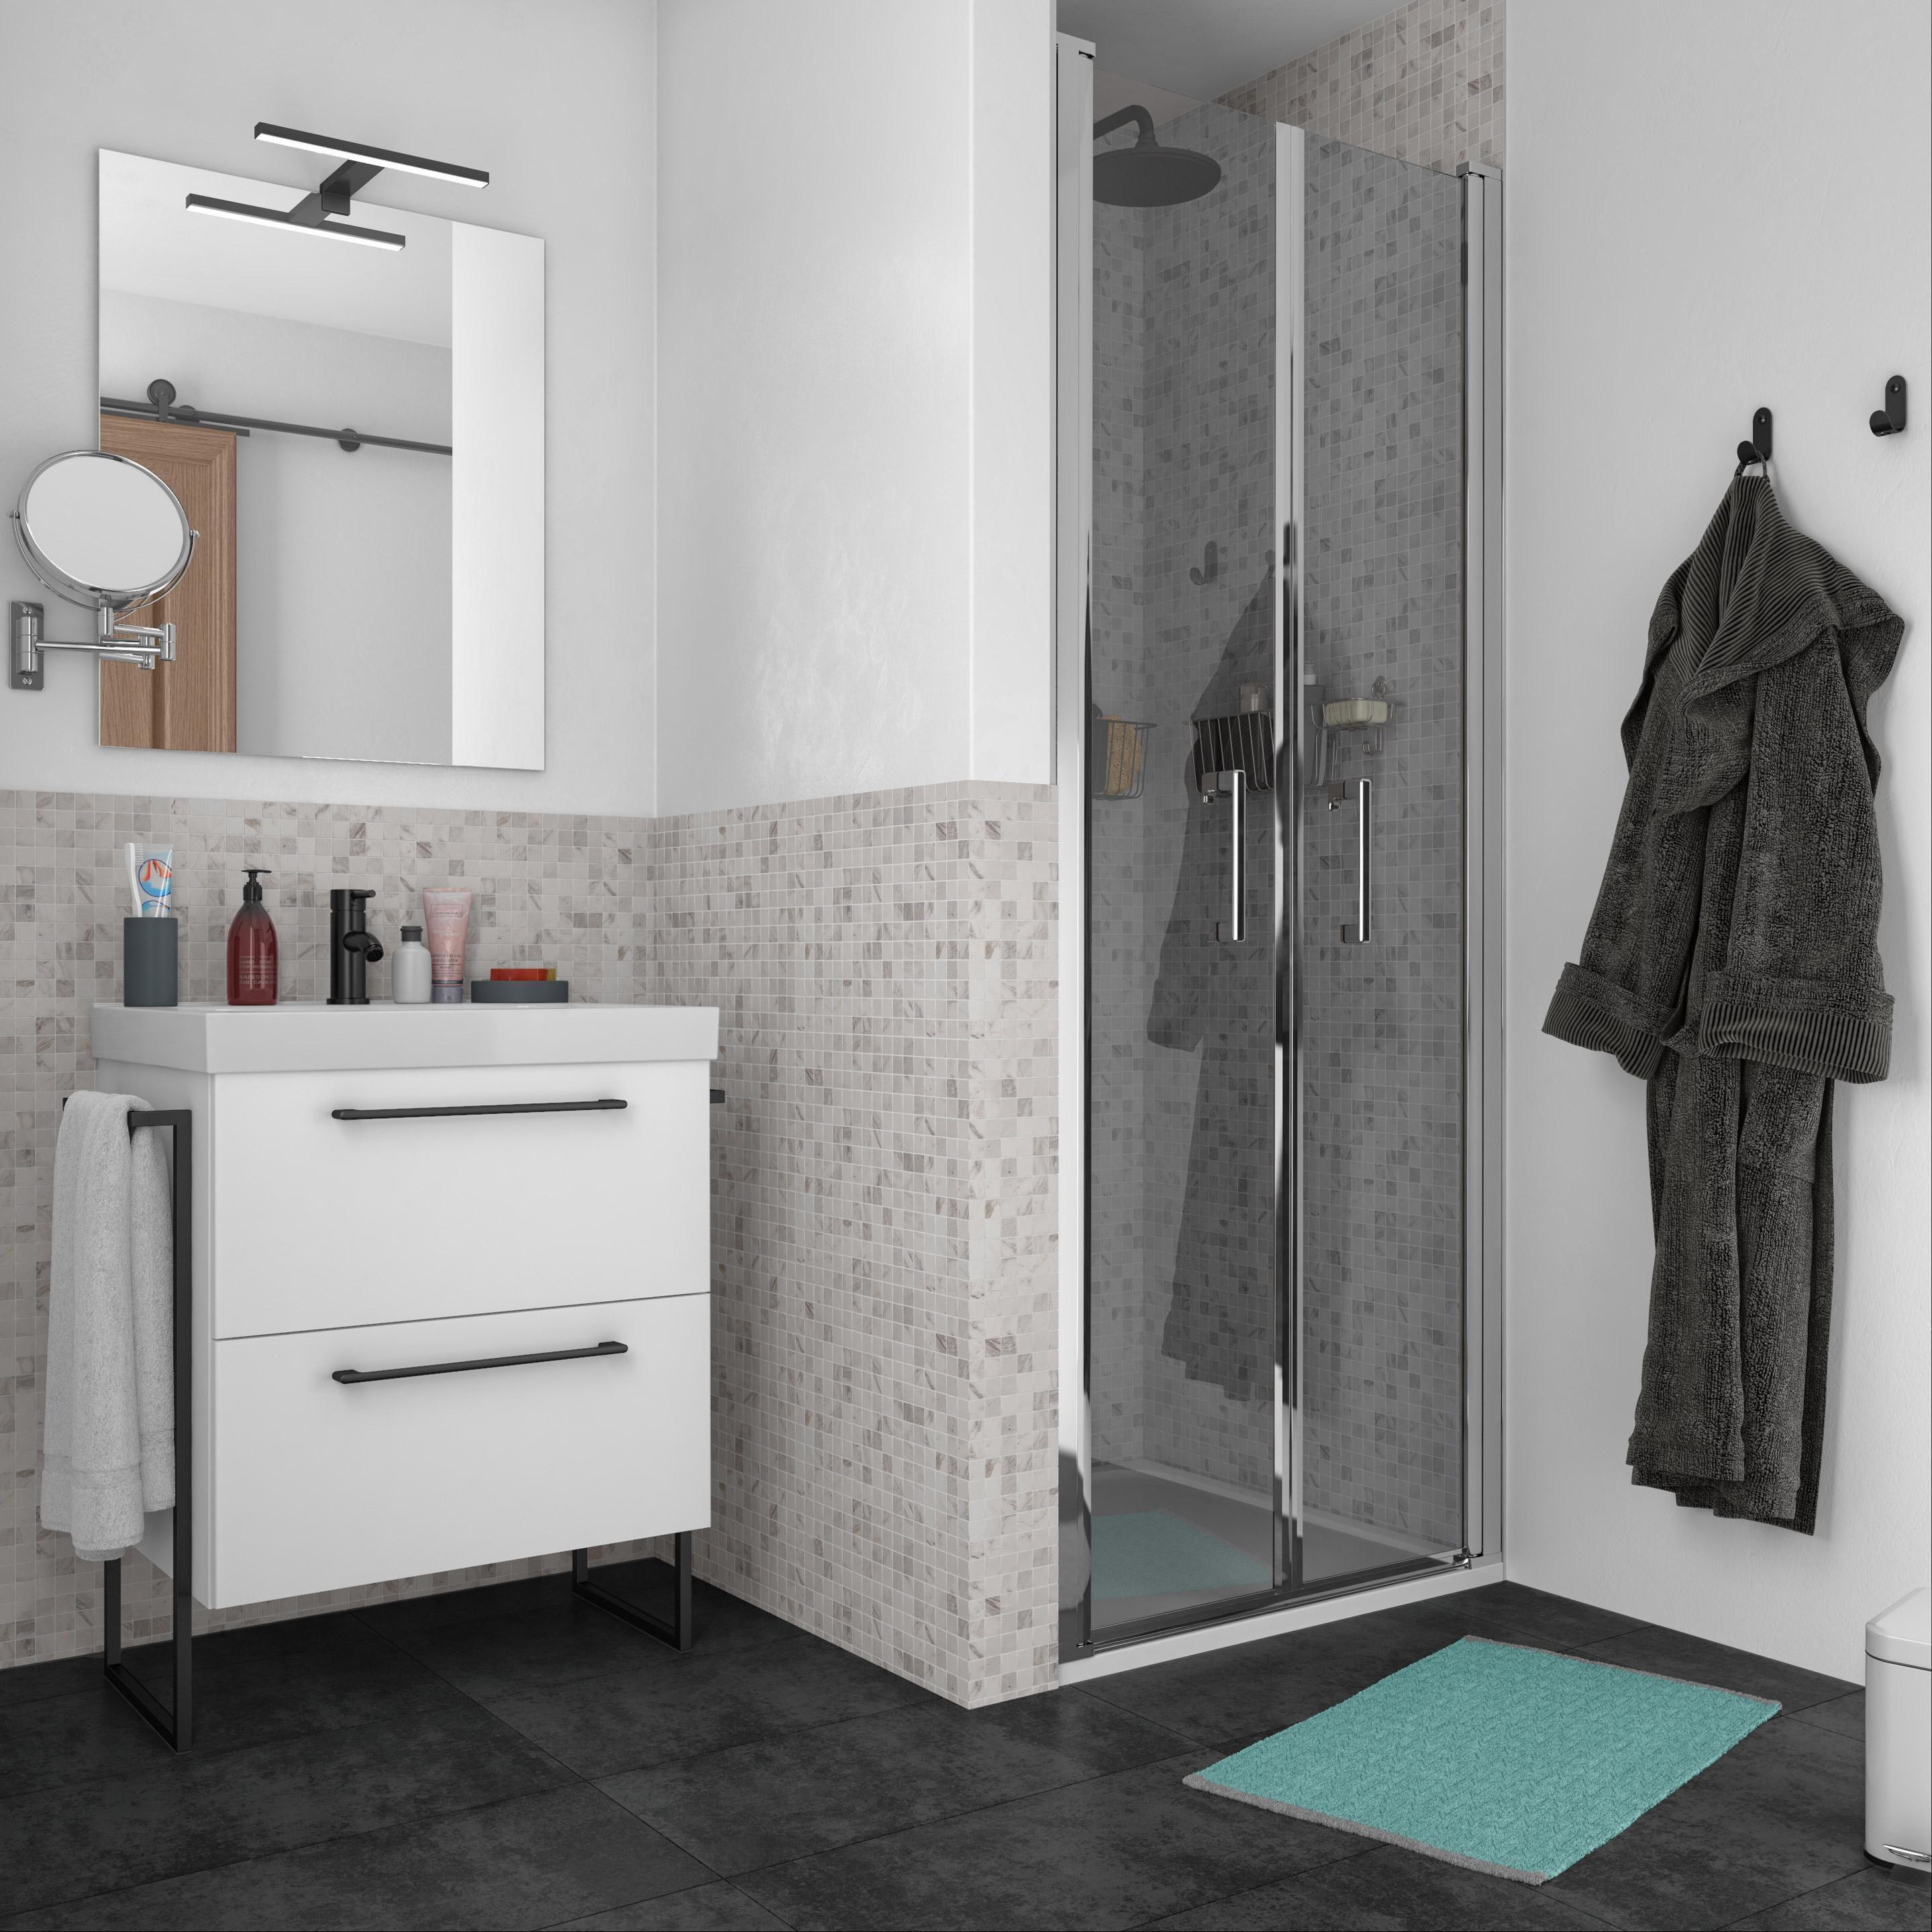 Meuble Simple Vasque L 60 X H 58 X P 46 Cm Blanc Remix Meuble Simple Meuble Salle De Bain Et Meuble